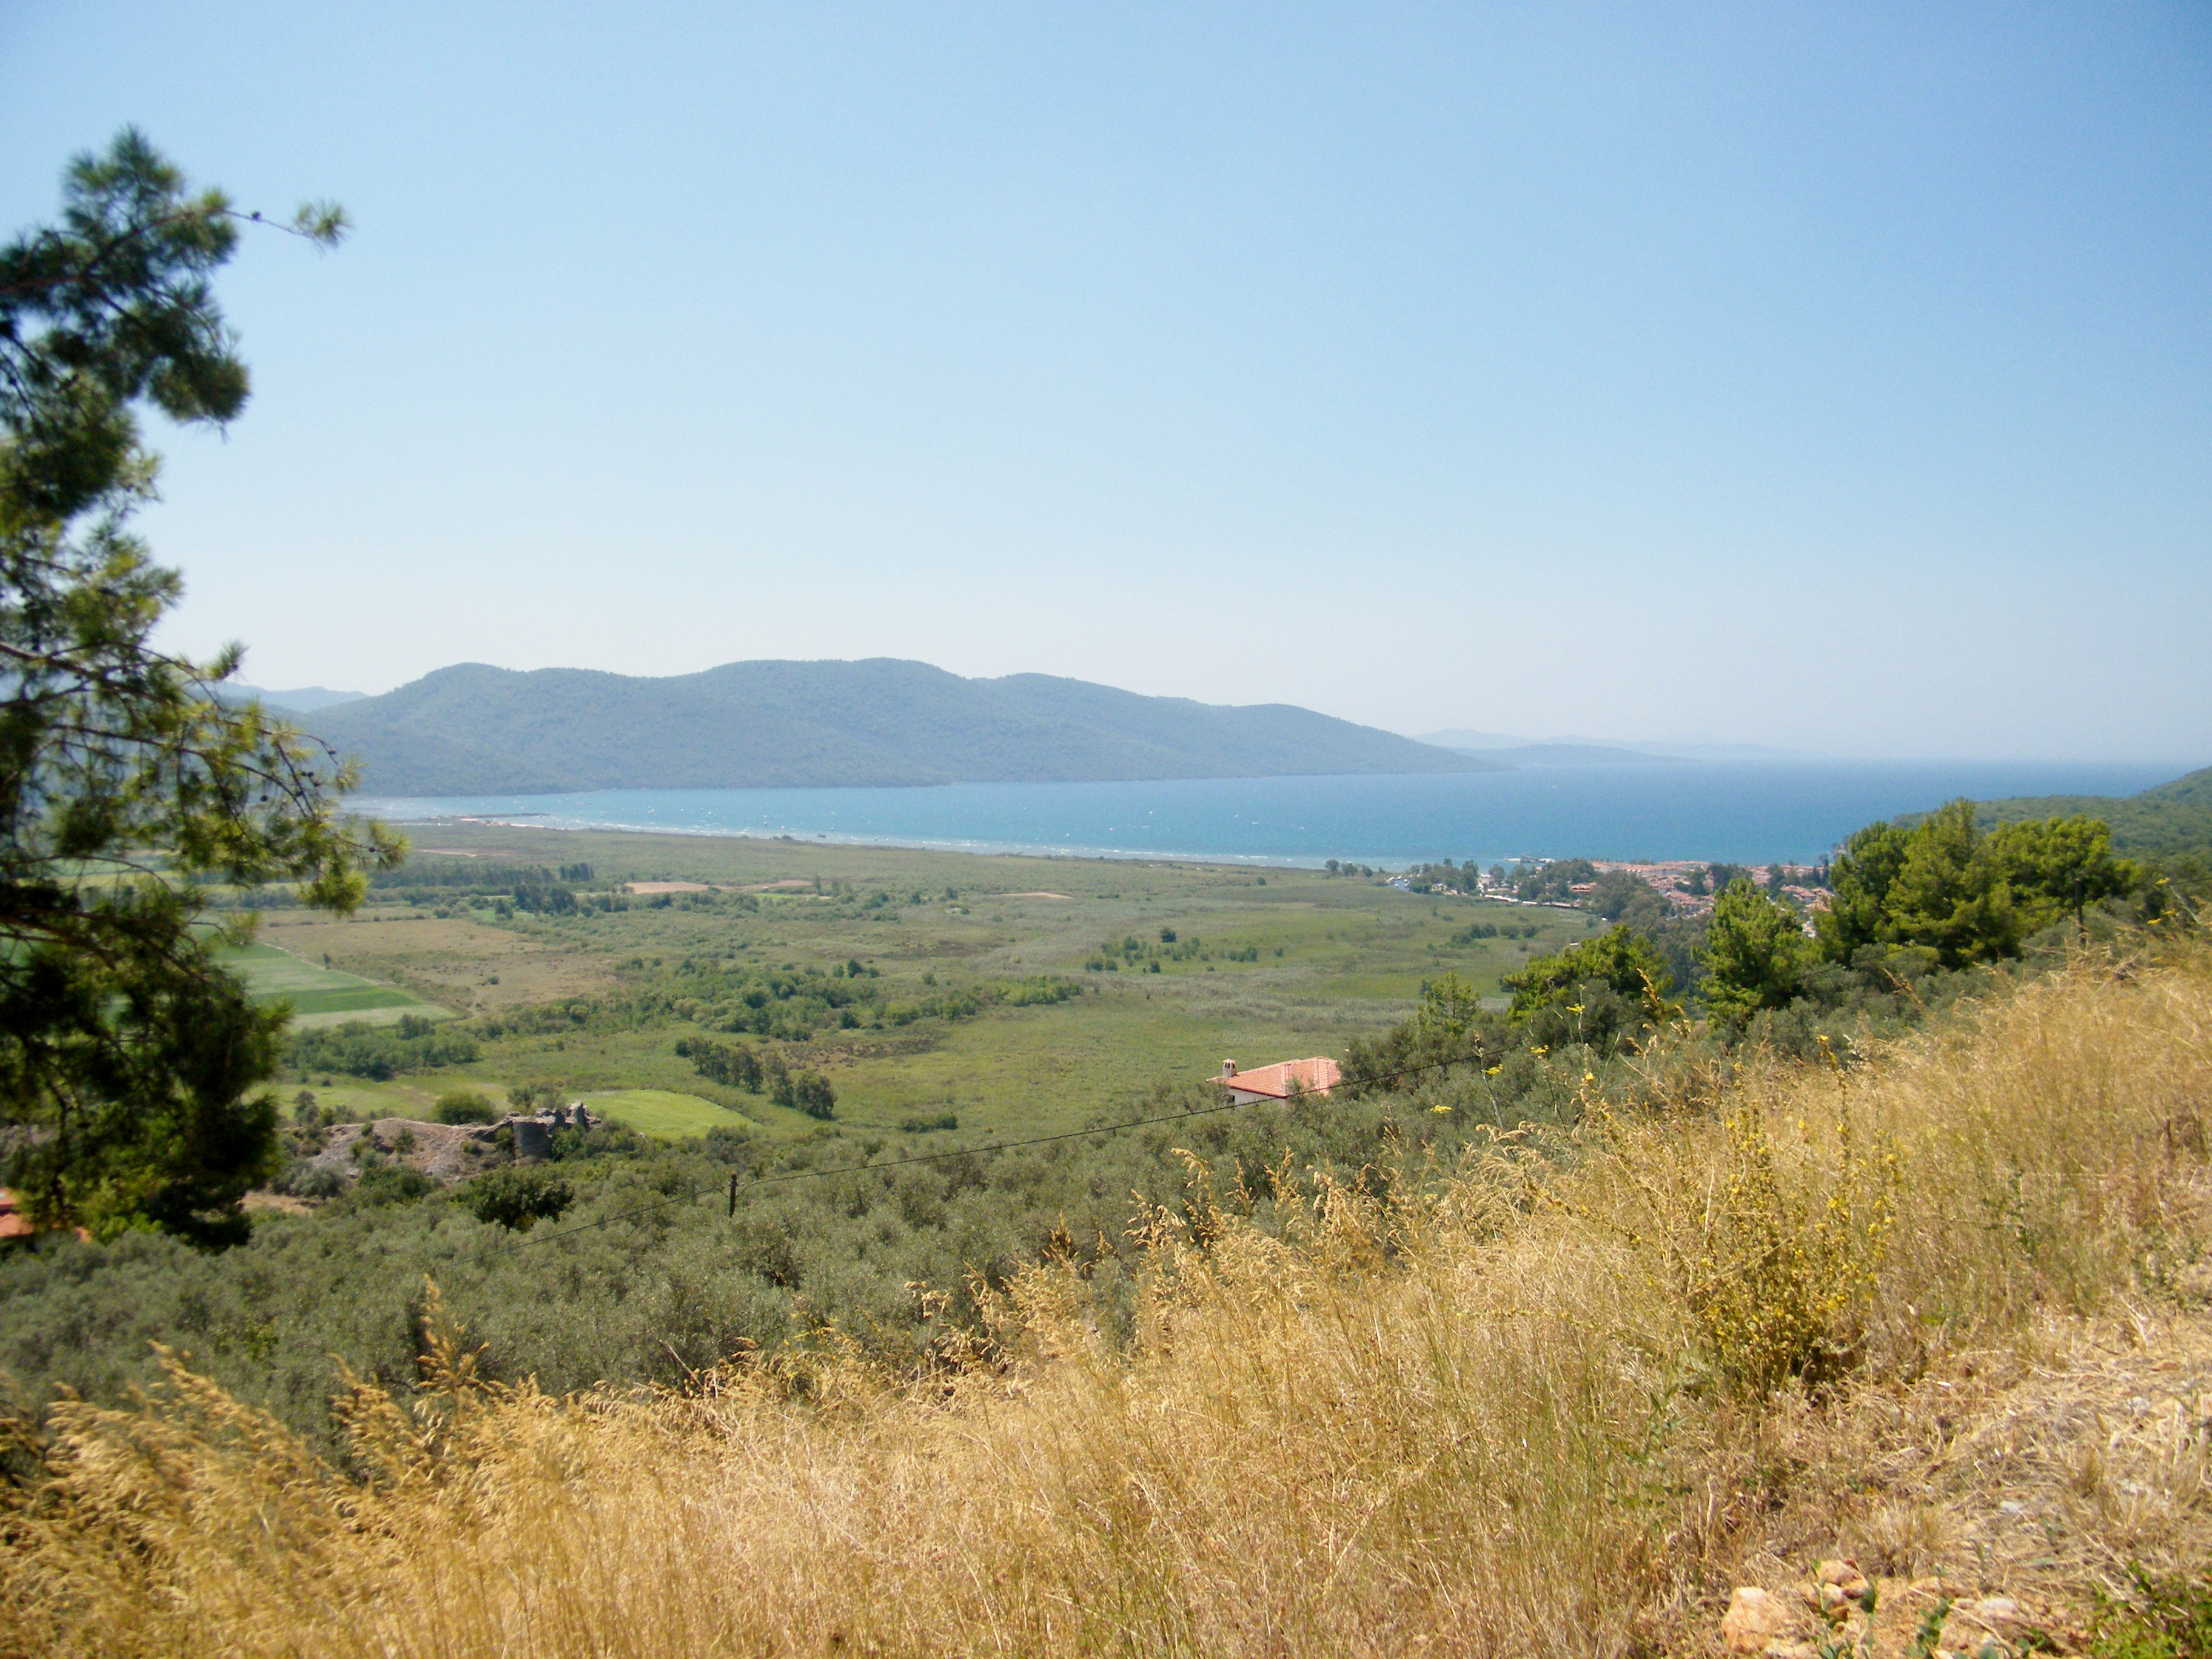 Vista desde lo alto del pueblo de la inmensidad de la playa de Akyaka en el Egeo turco / J.M Akyaka en el Egeo turco